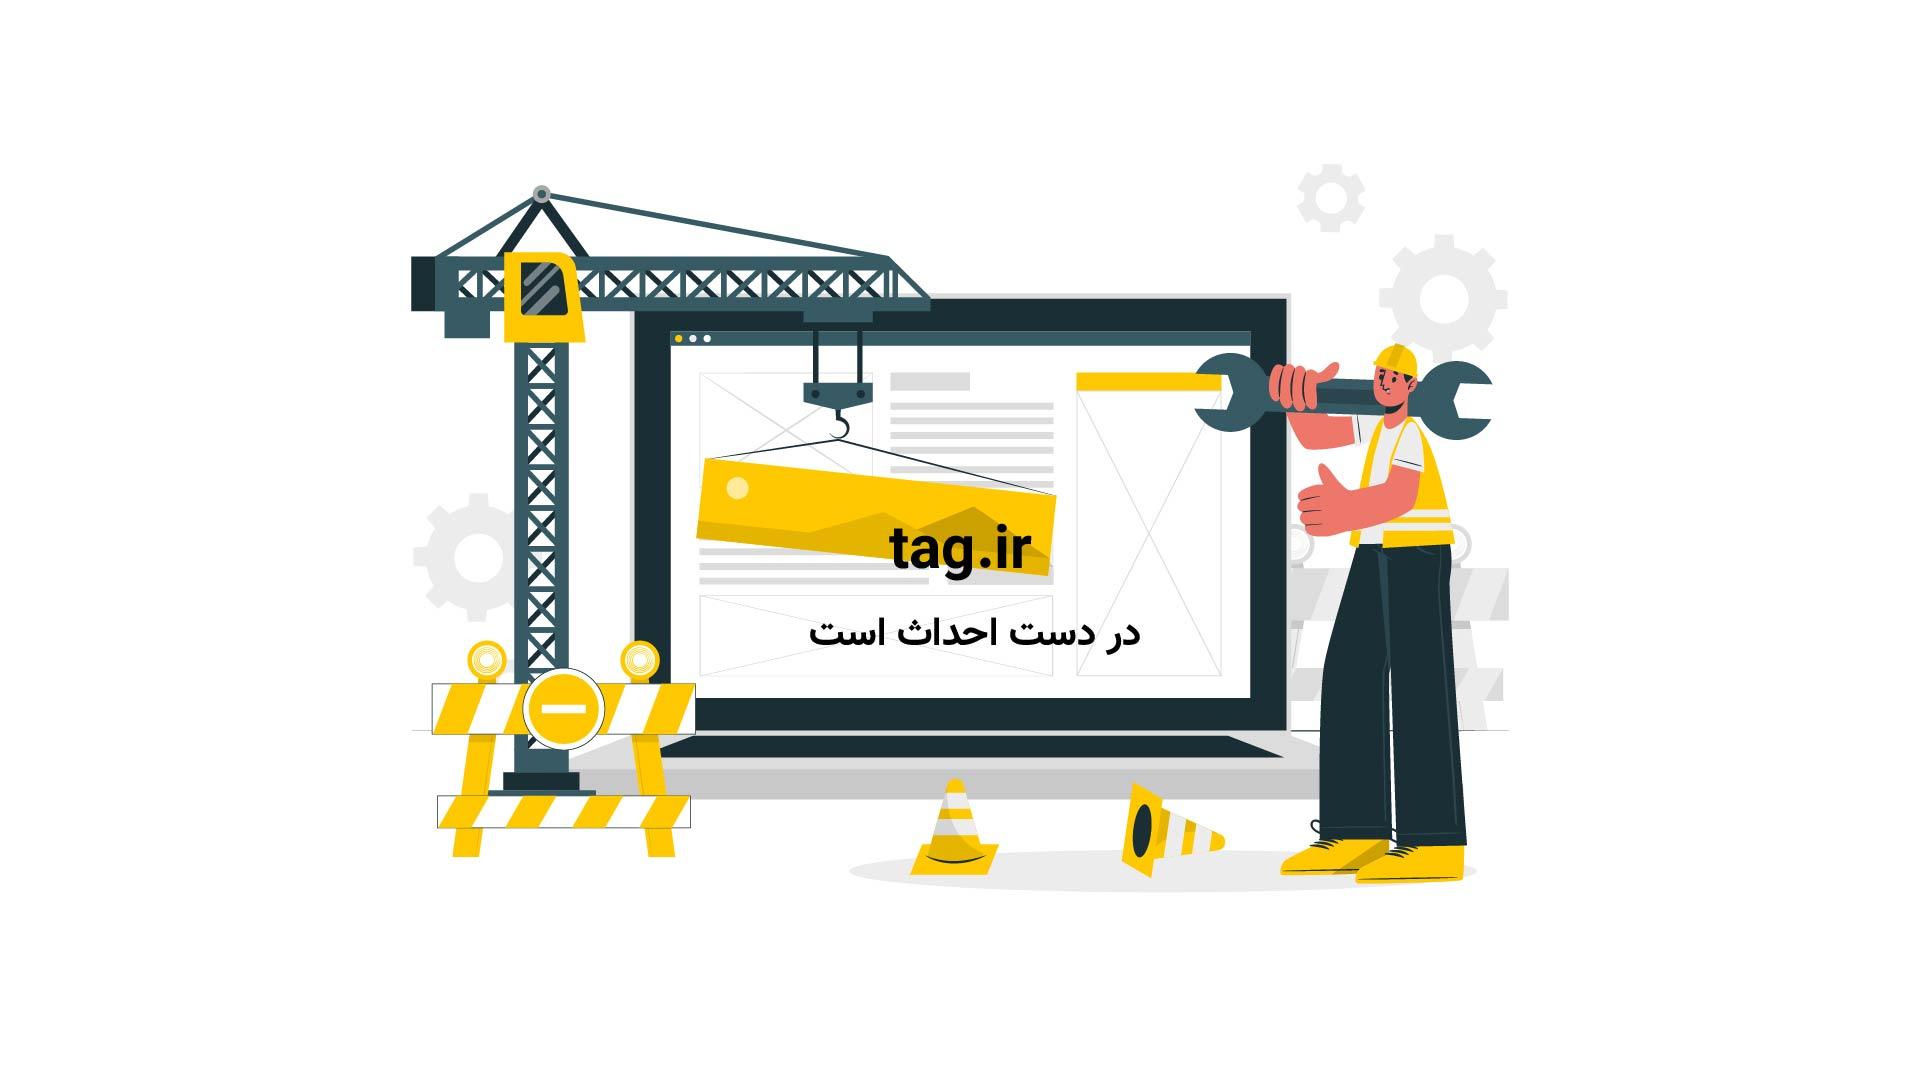 منسوجات پشمی | تگ